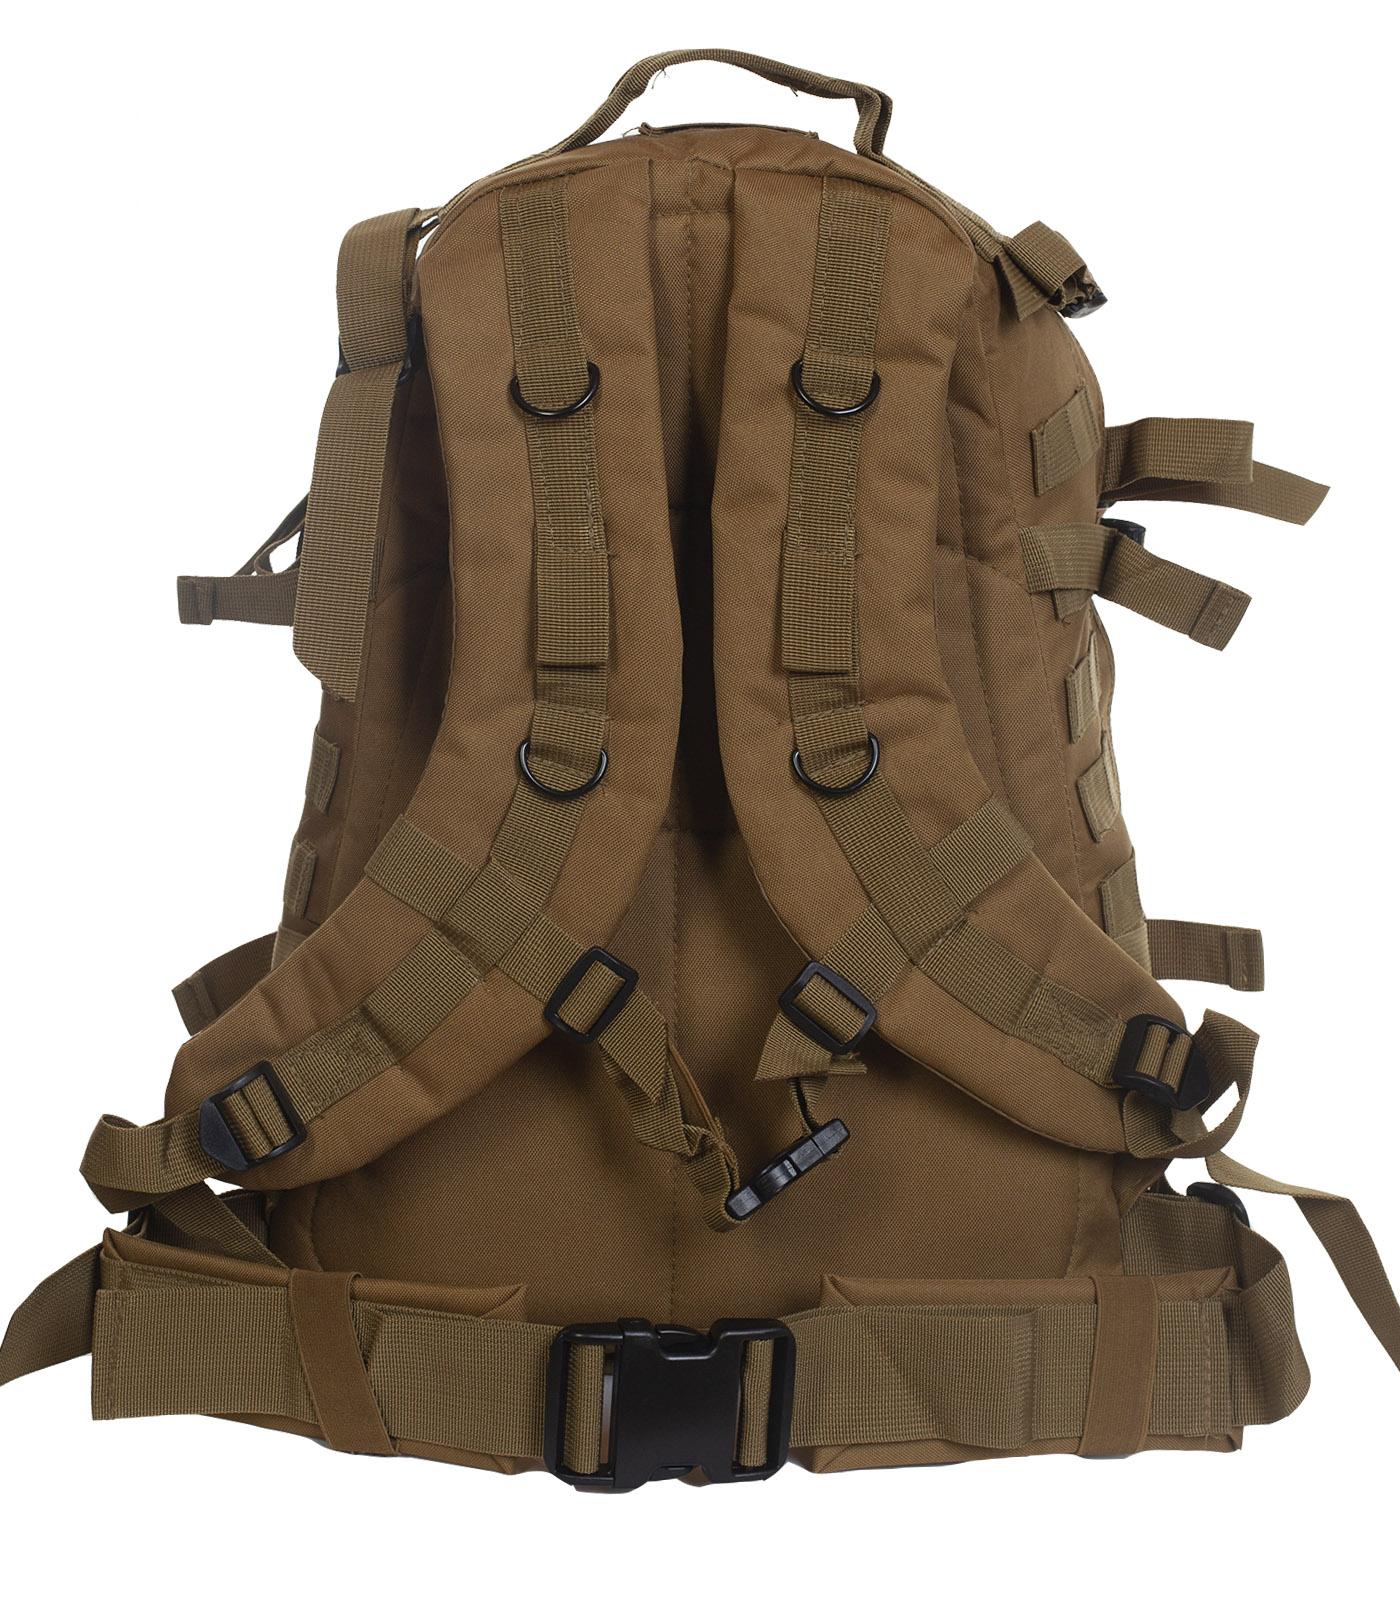 Мужской удобный рюкзак для путешествий -  по выгодной цене